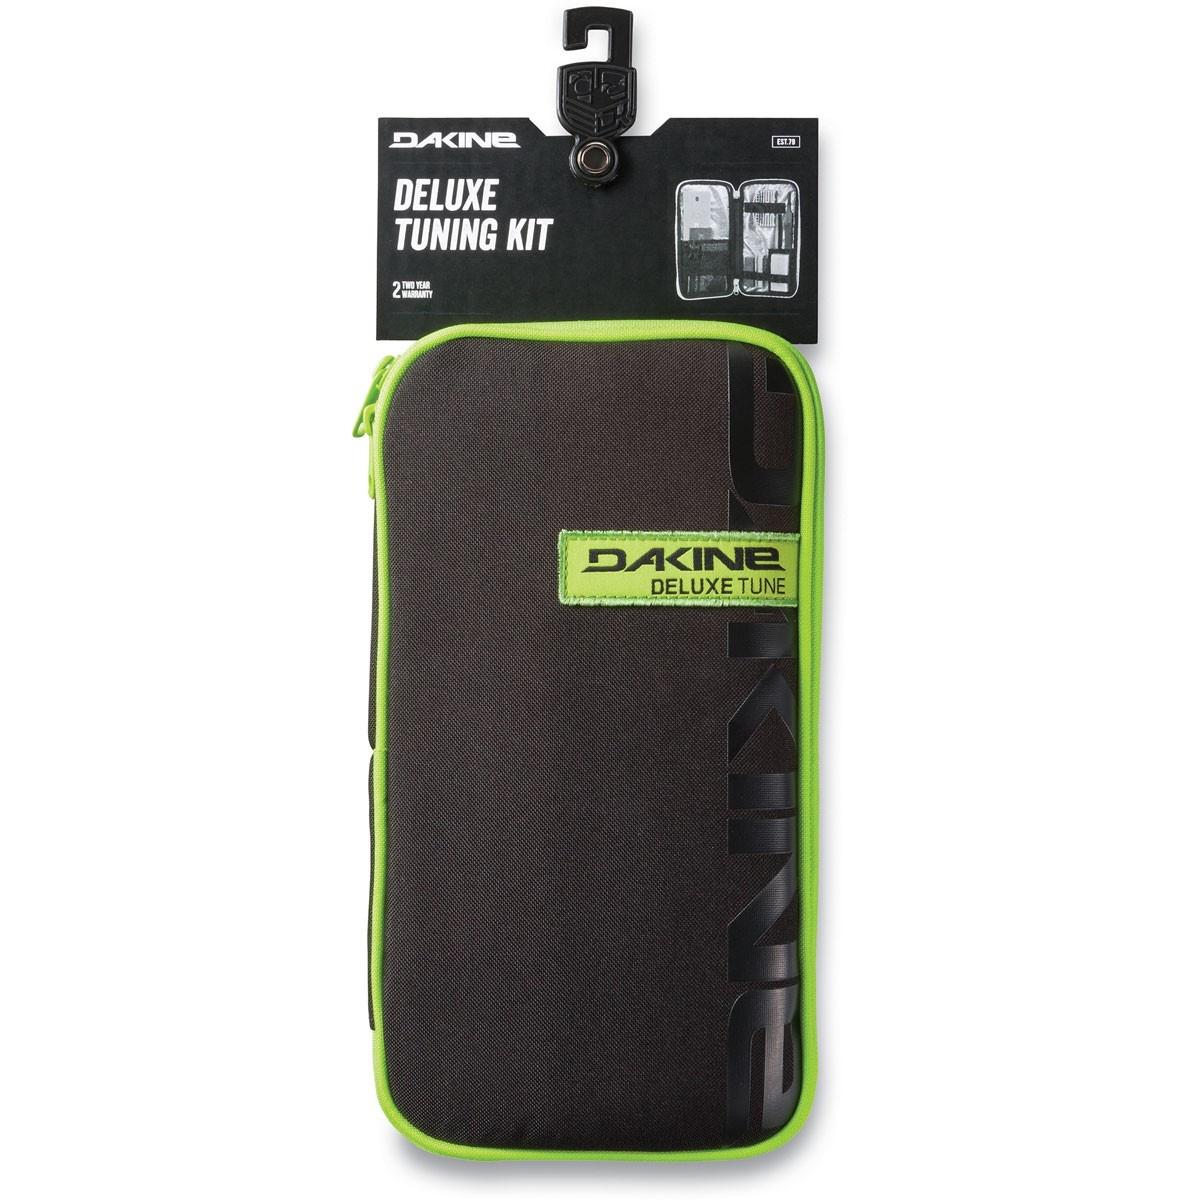 kody promocyjne podgląd uznane marki Dakine Dakine Deluxe Tune Tuning Kit Black